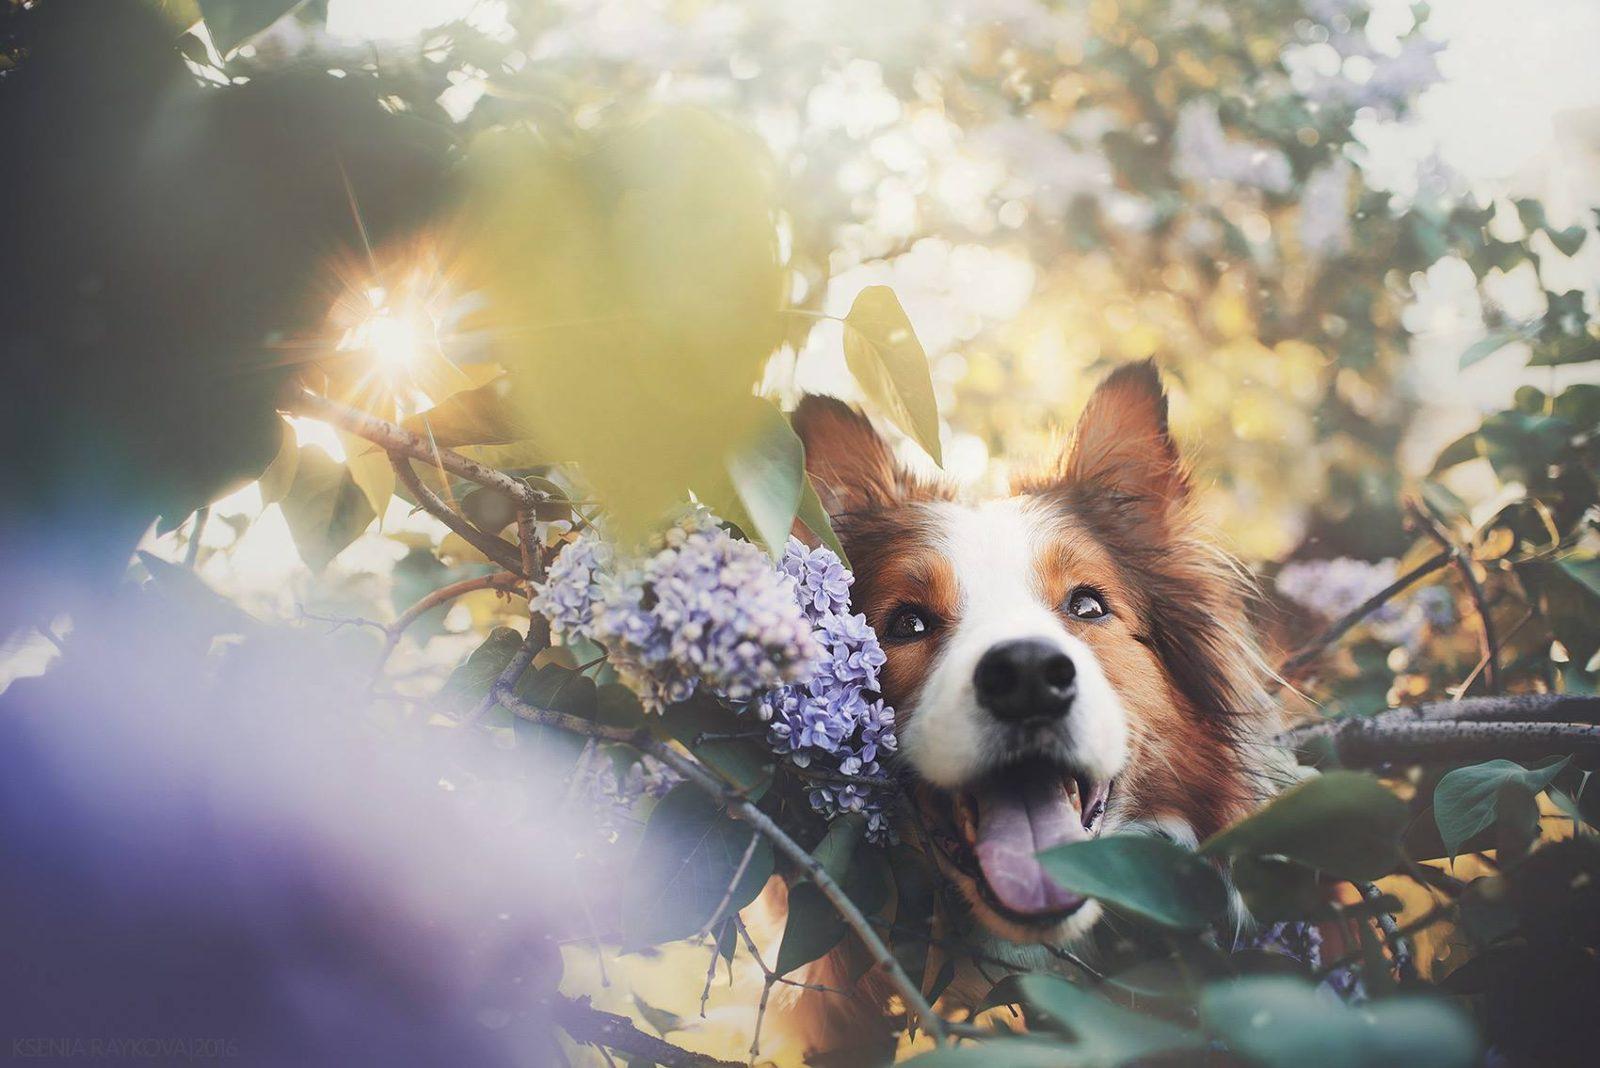 Elegant Longest Living Dogs Longest Living Dogs Breeds Archives Critter Longest Living Dogs Diet Longest Living Dog Breed Large bark post Longest Living Dogs